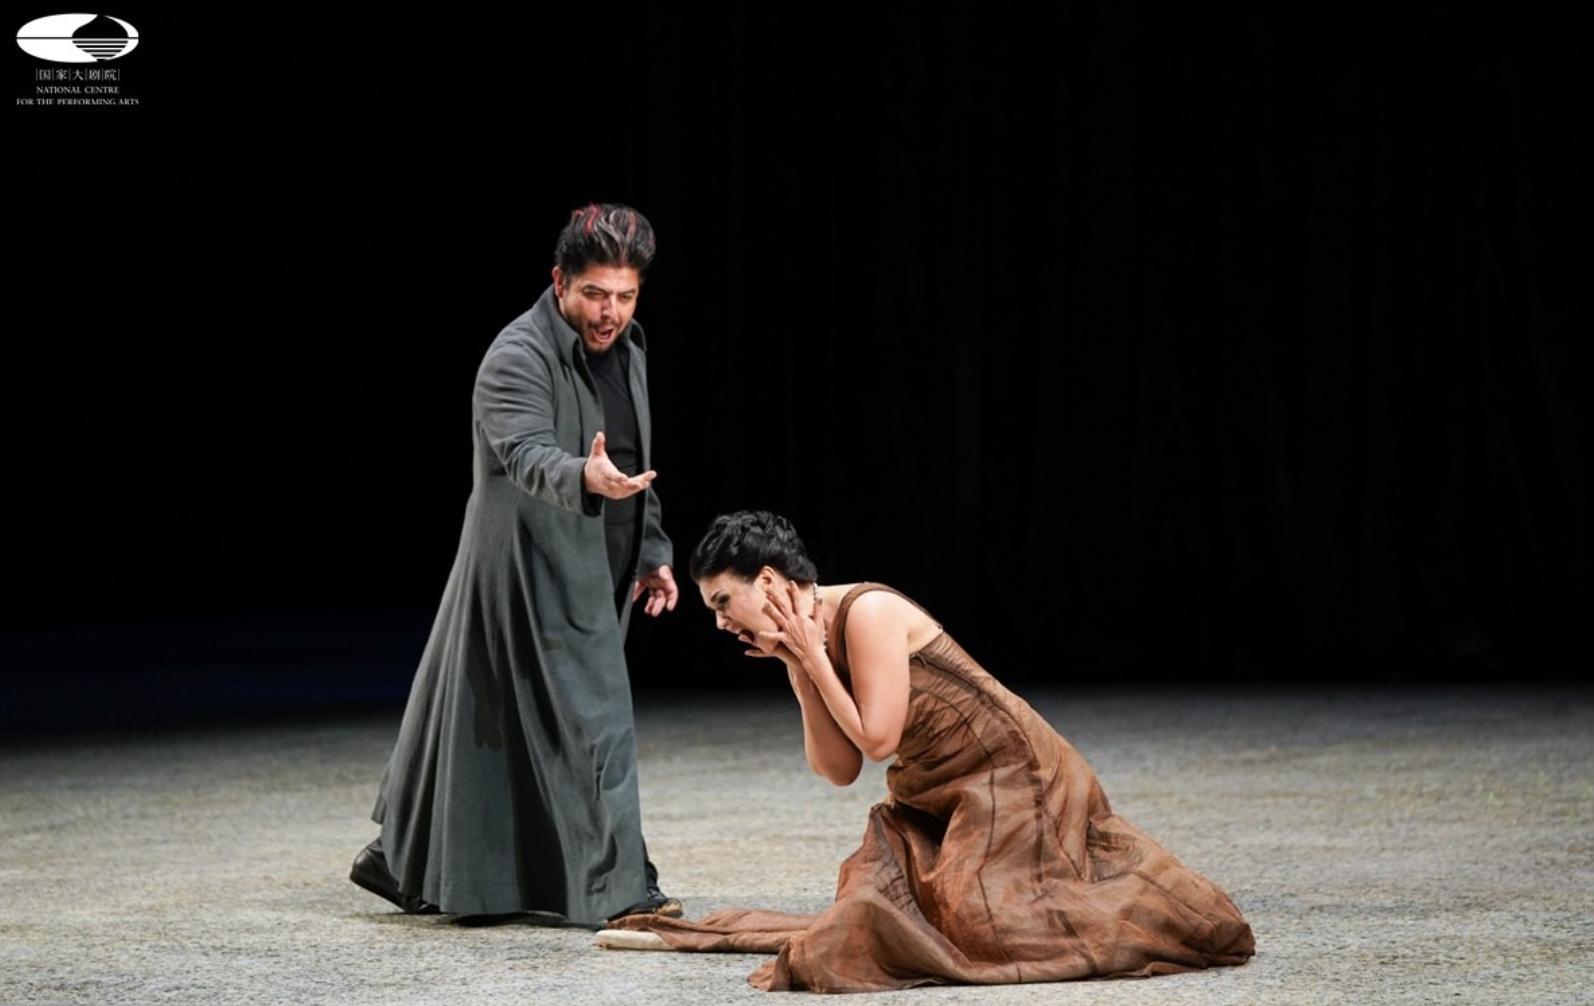 Alfredo Daza como Zurga (Les pêcheurs de perles) en Pekín (National Centre for the Performing Arts) junto a la soprano Olga Peretyatko